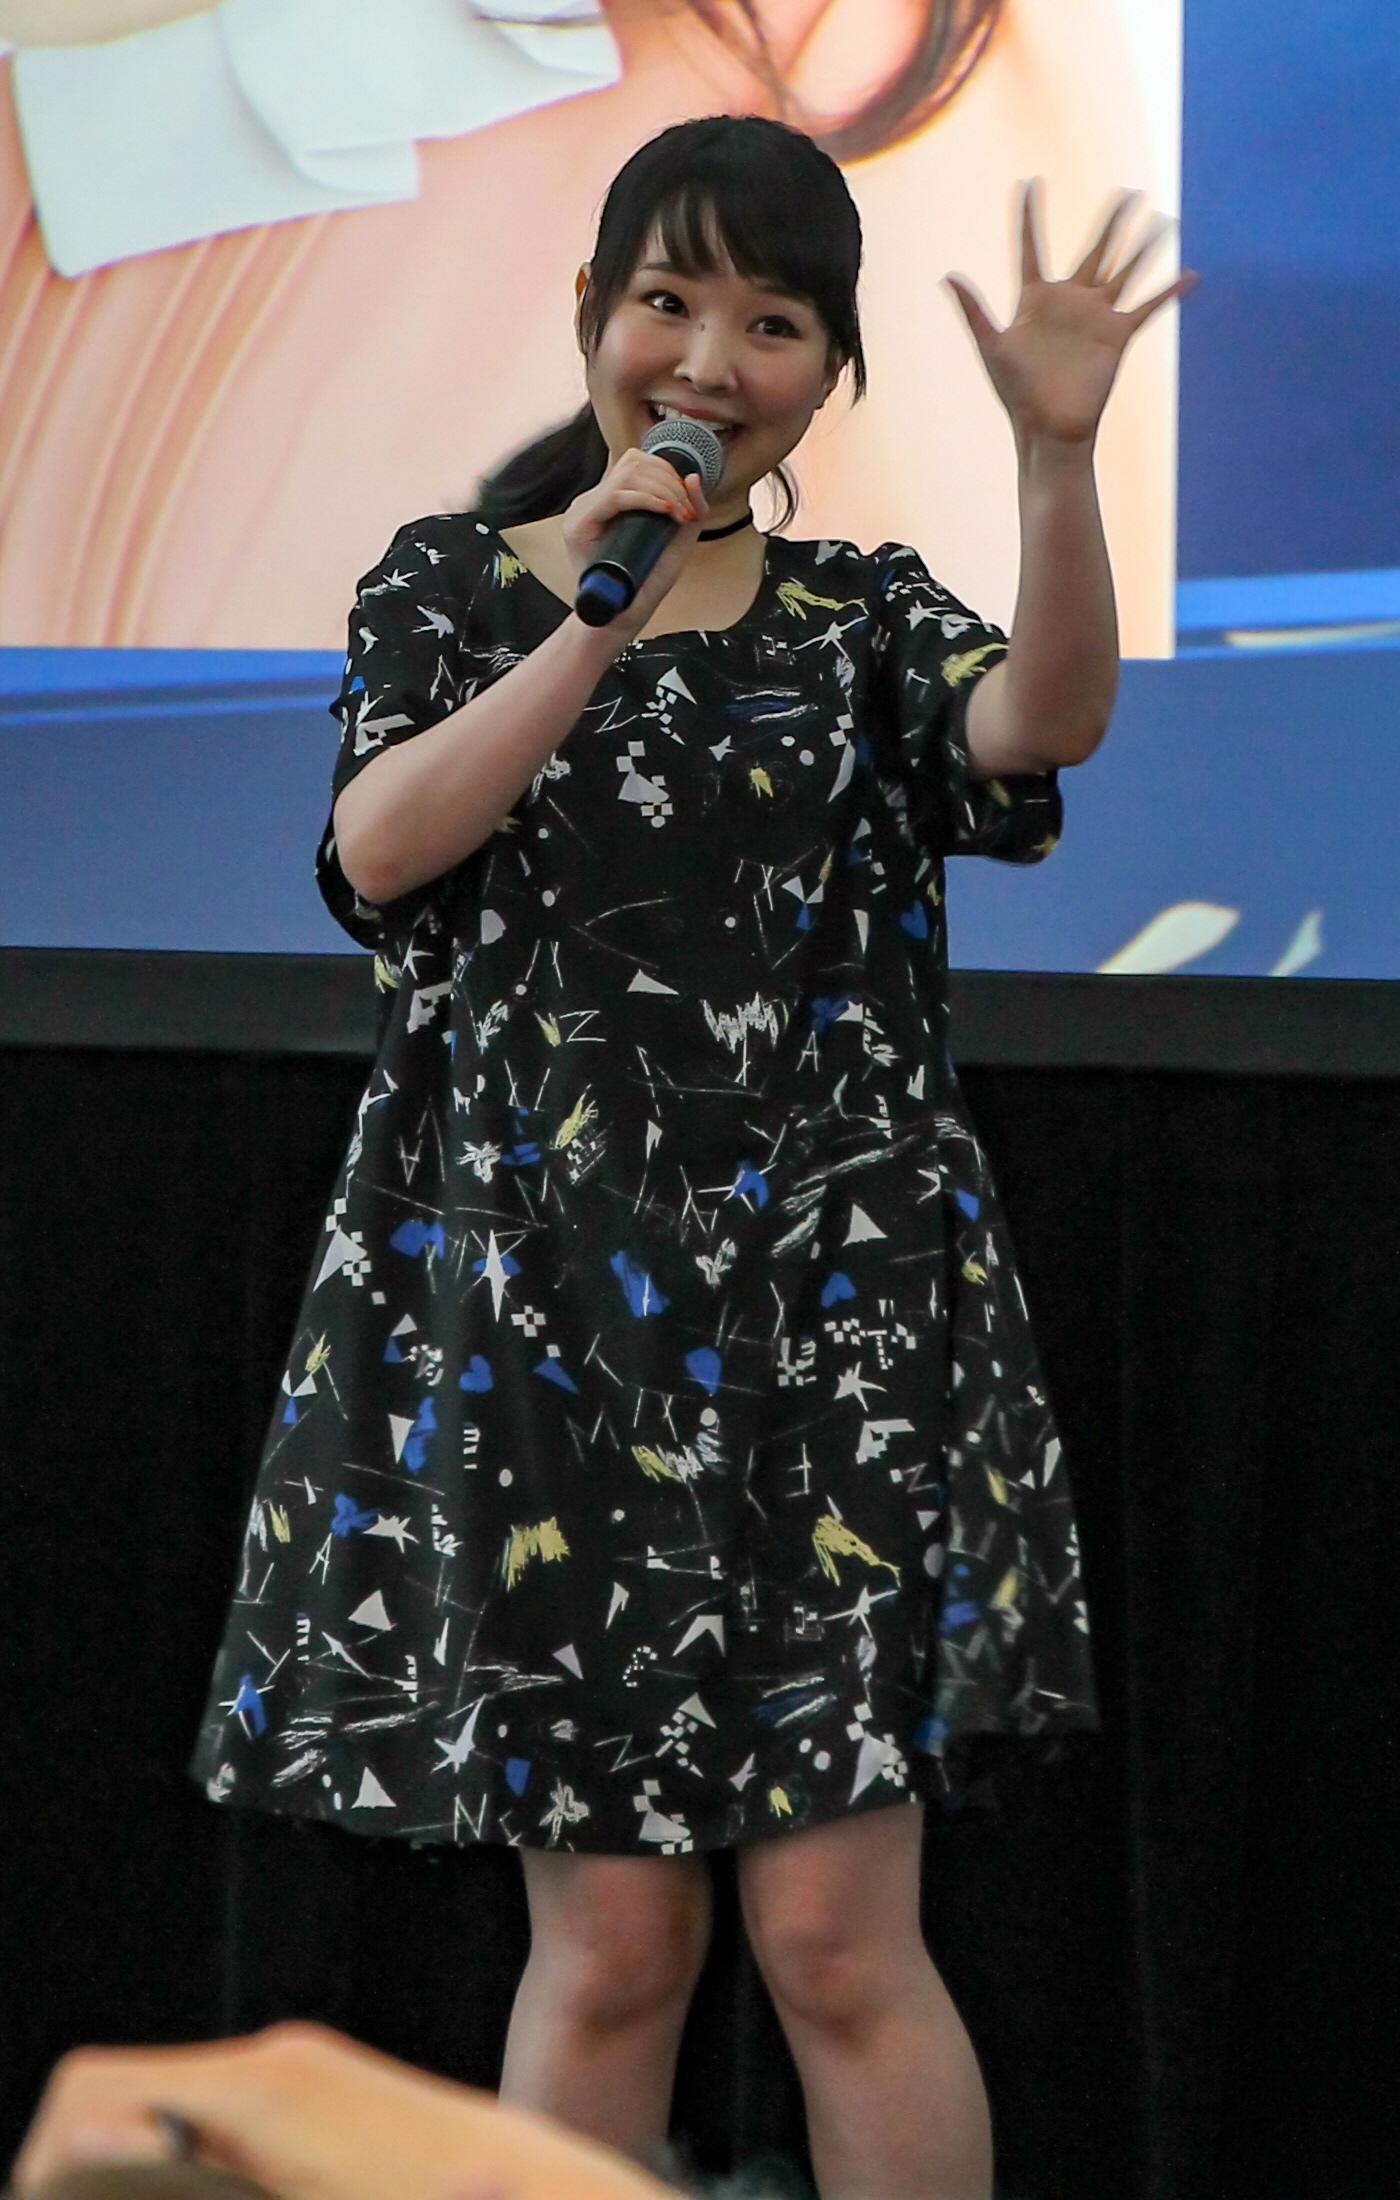 伊藤かな恵 - Wikipedia